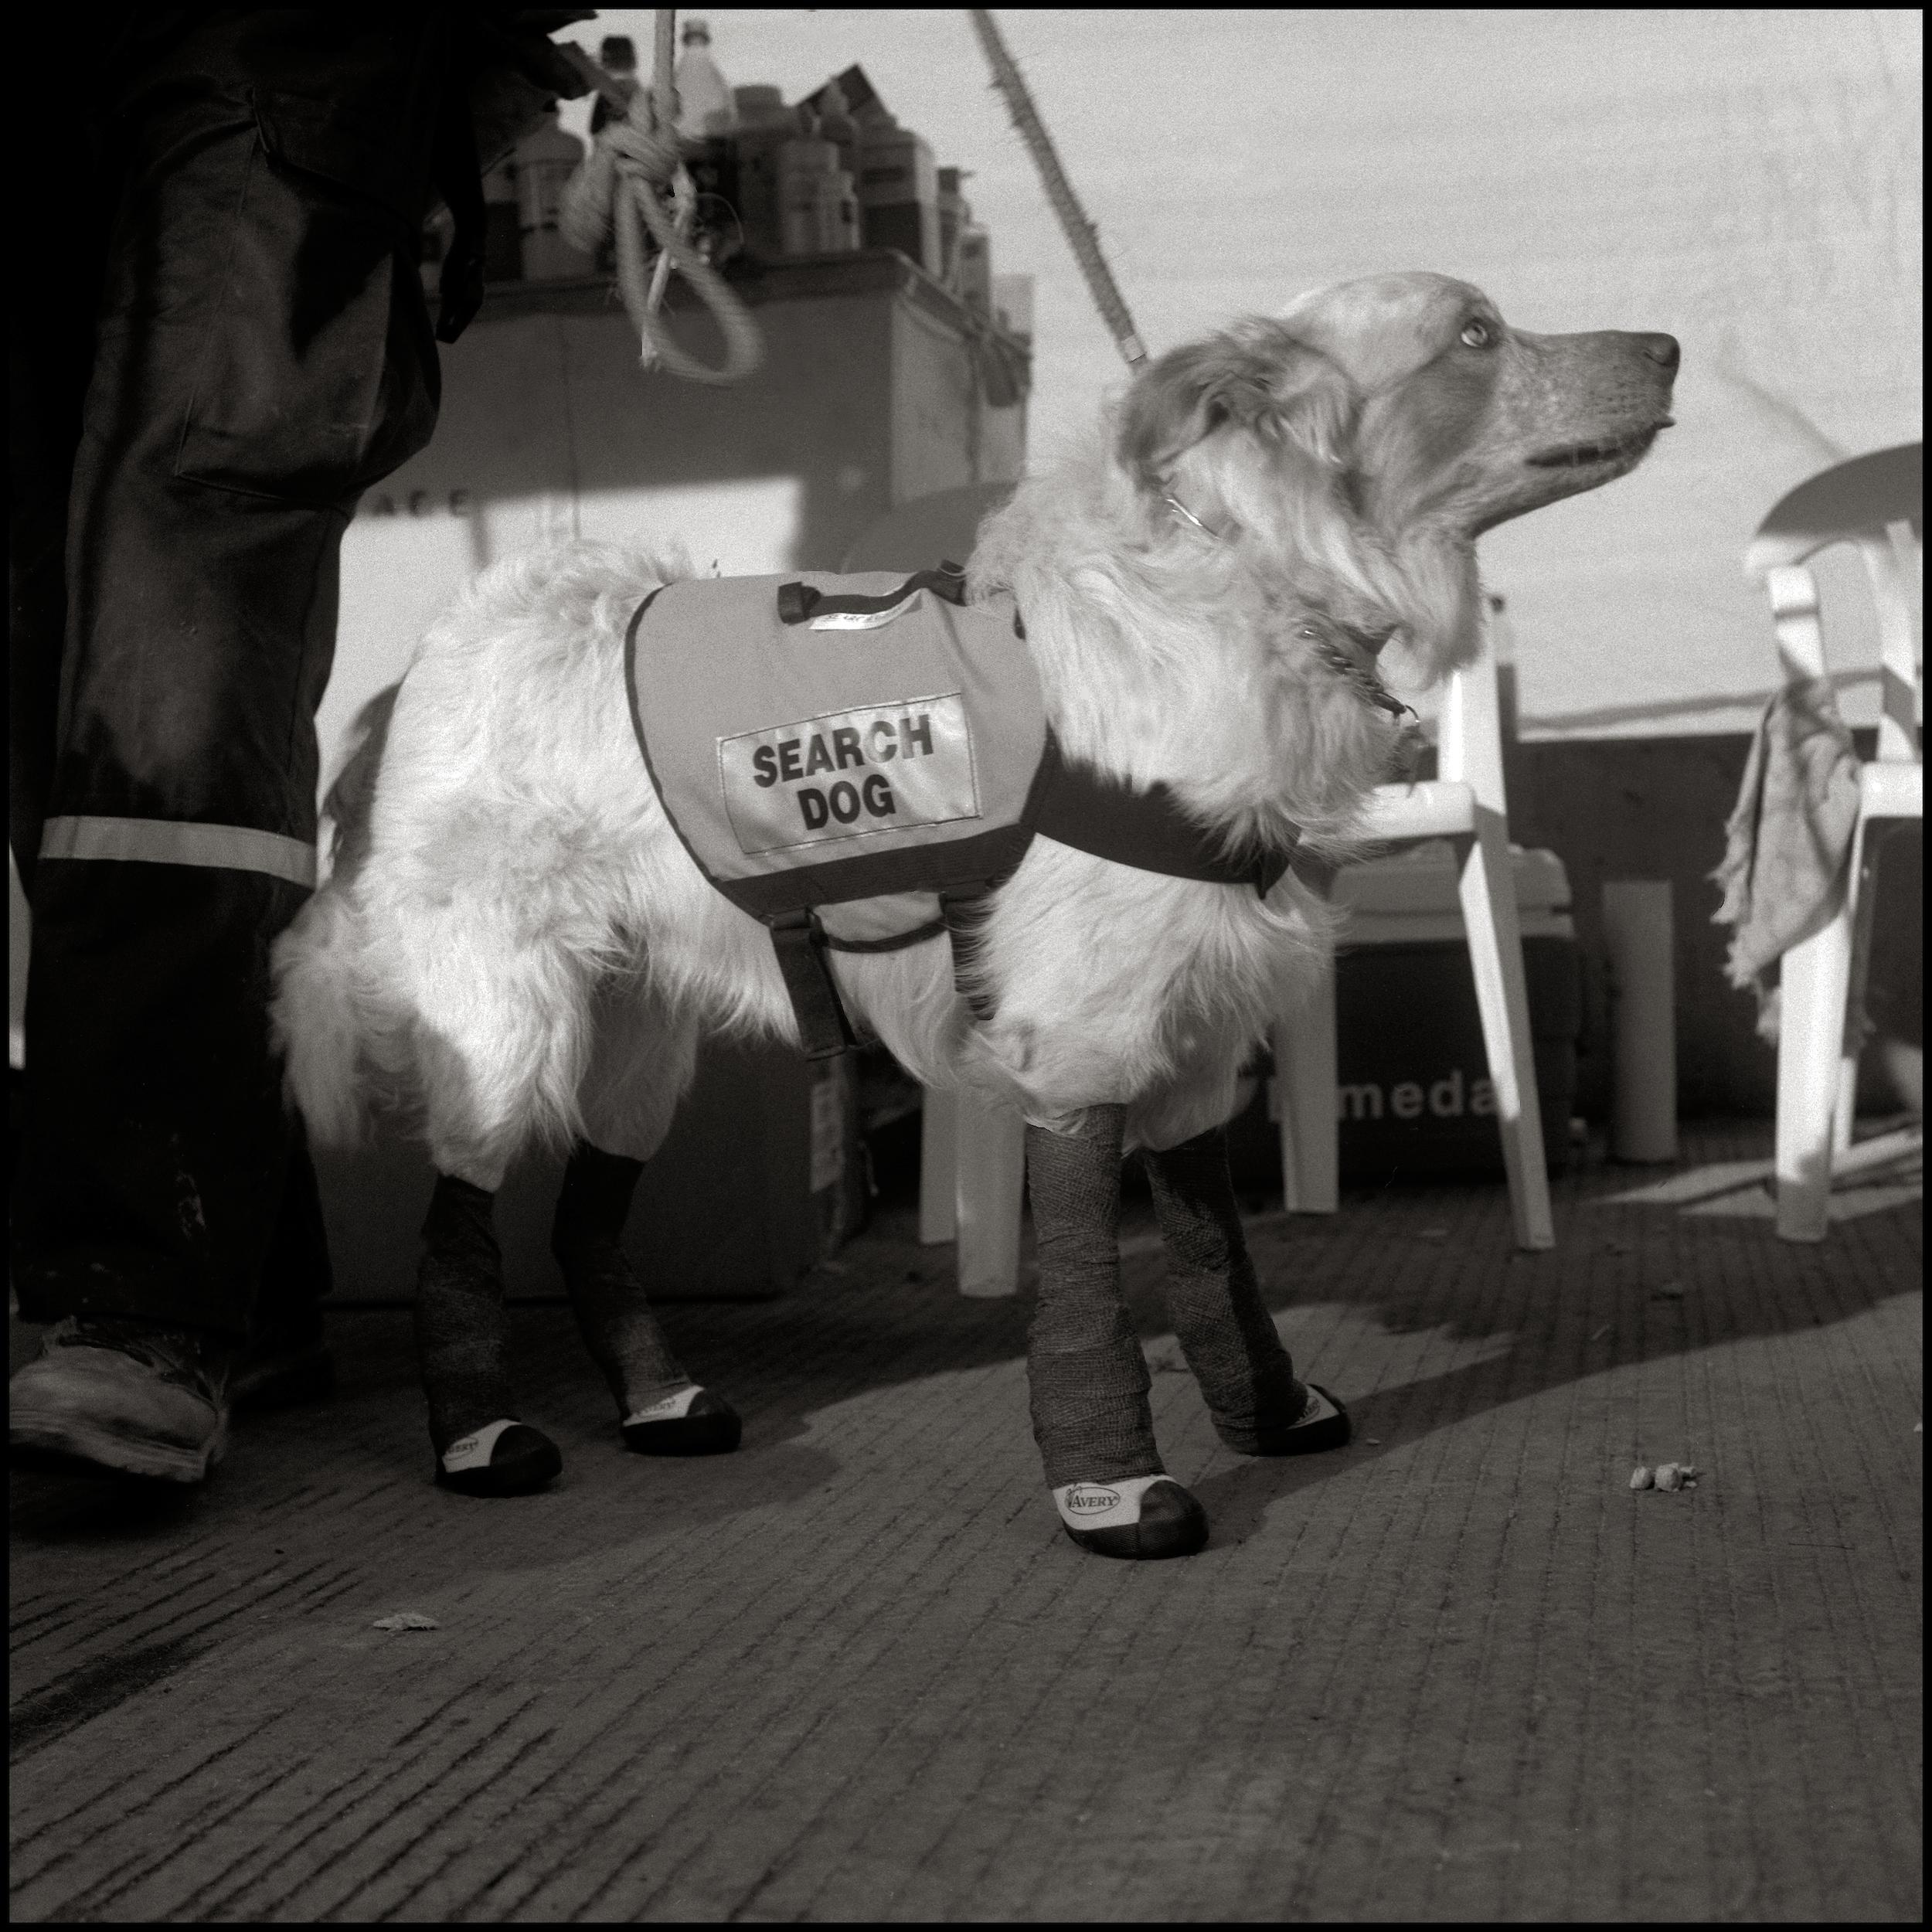 Pork Chop @ Ground Zero 2001 - Tracey Litt Photography